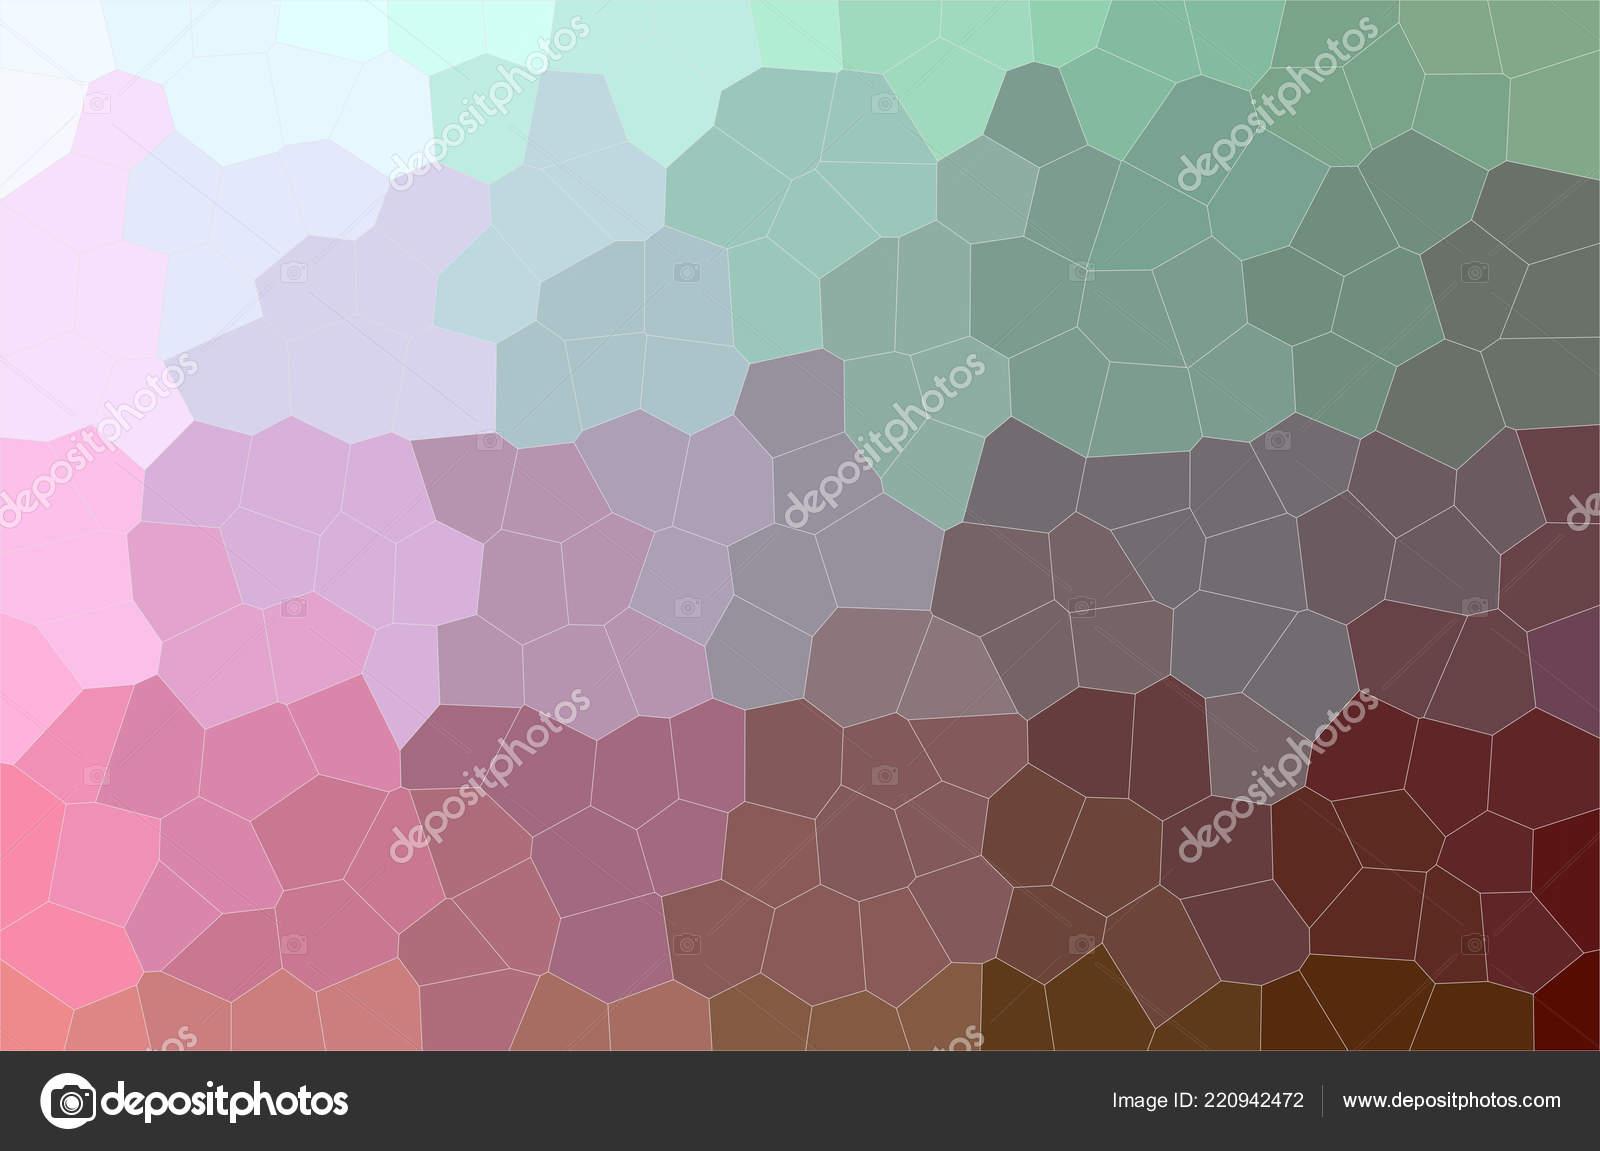 Illustration De Violet Et Vert Moyen Taille Hexagone Peinture Fond, Généré  Numériquementu2013 Images De Stock Libres De Droits